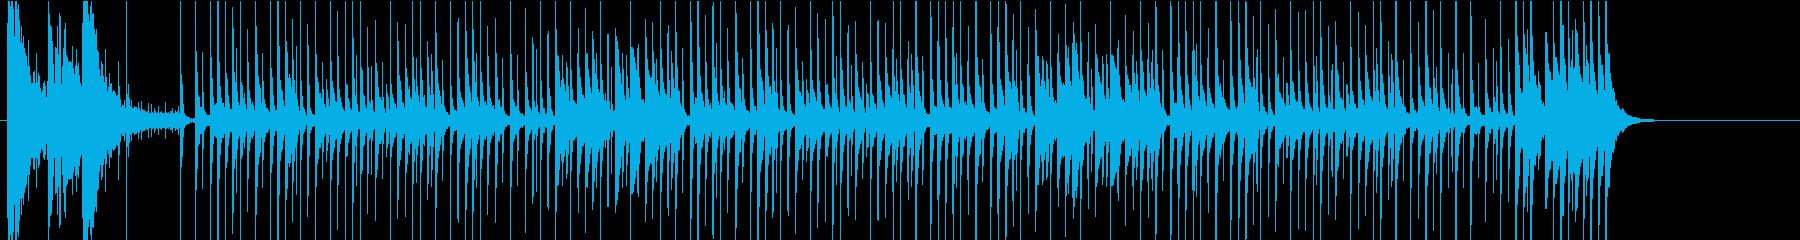 ほんわかチープでコミカルな和風BGMの再生済みの波形